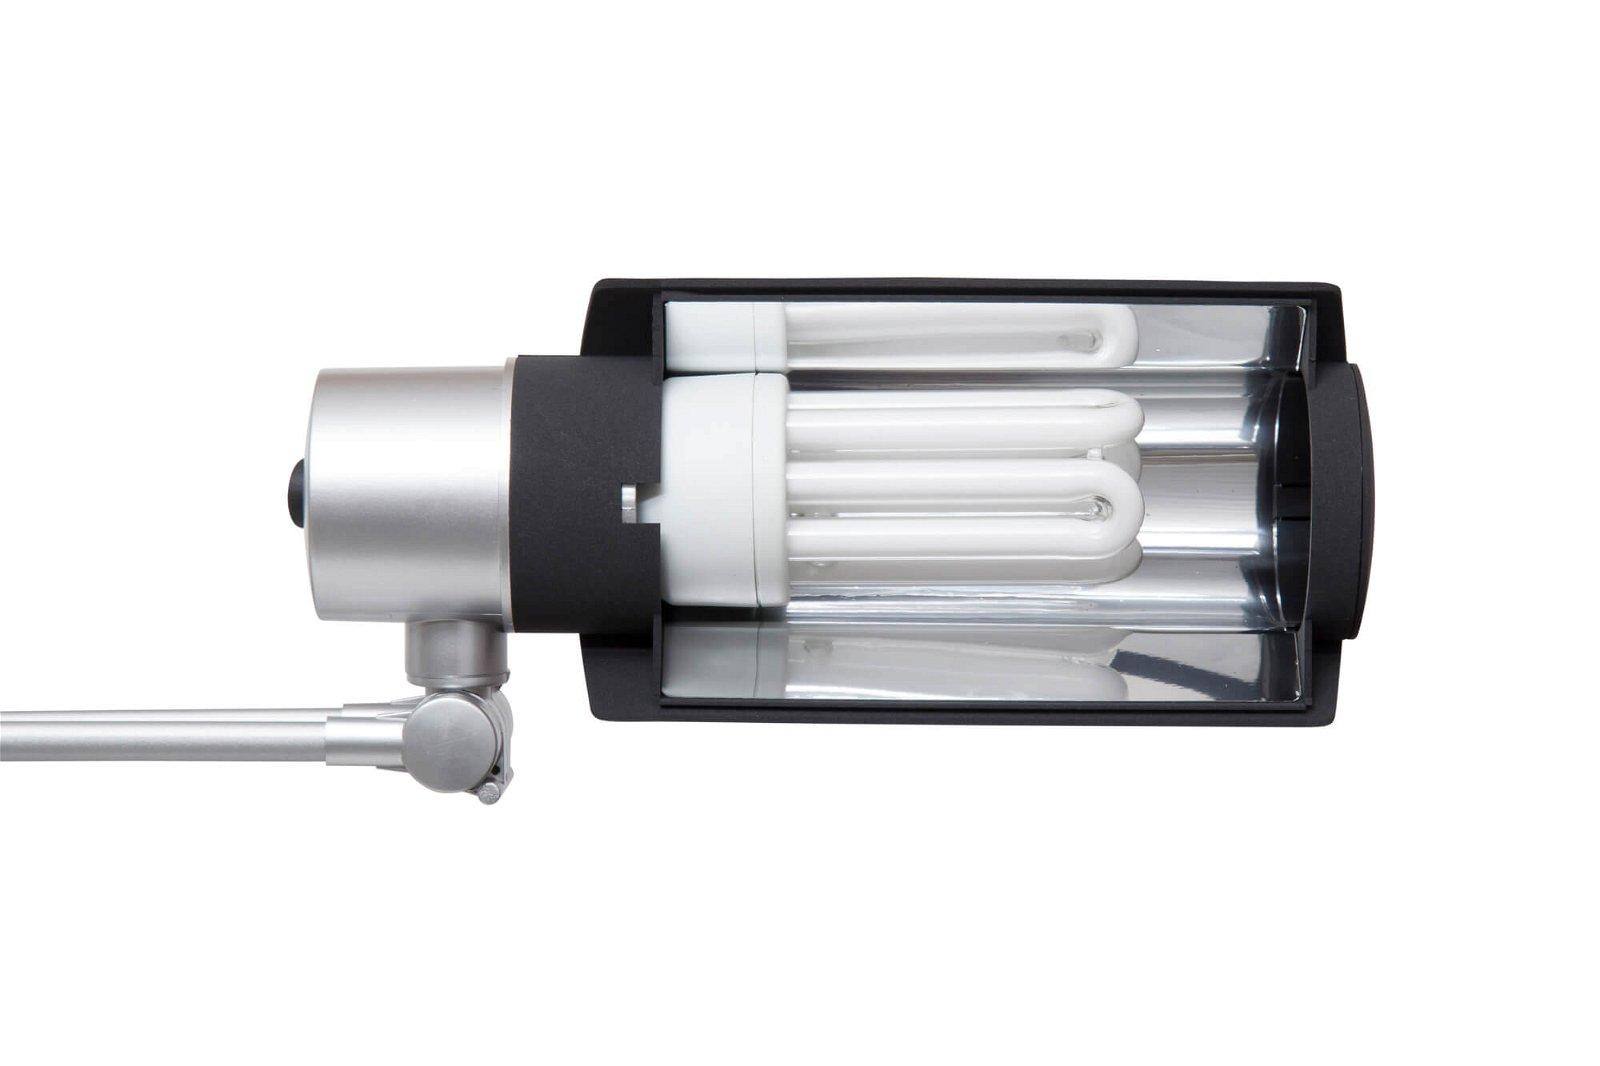 Energiespar-Tischleuchte MAULoffice, silber